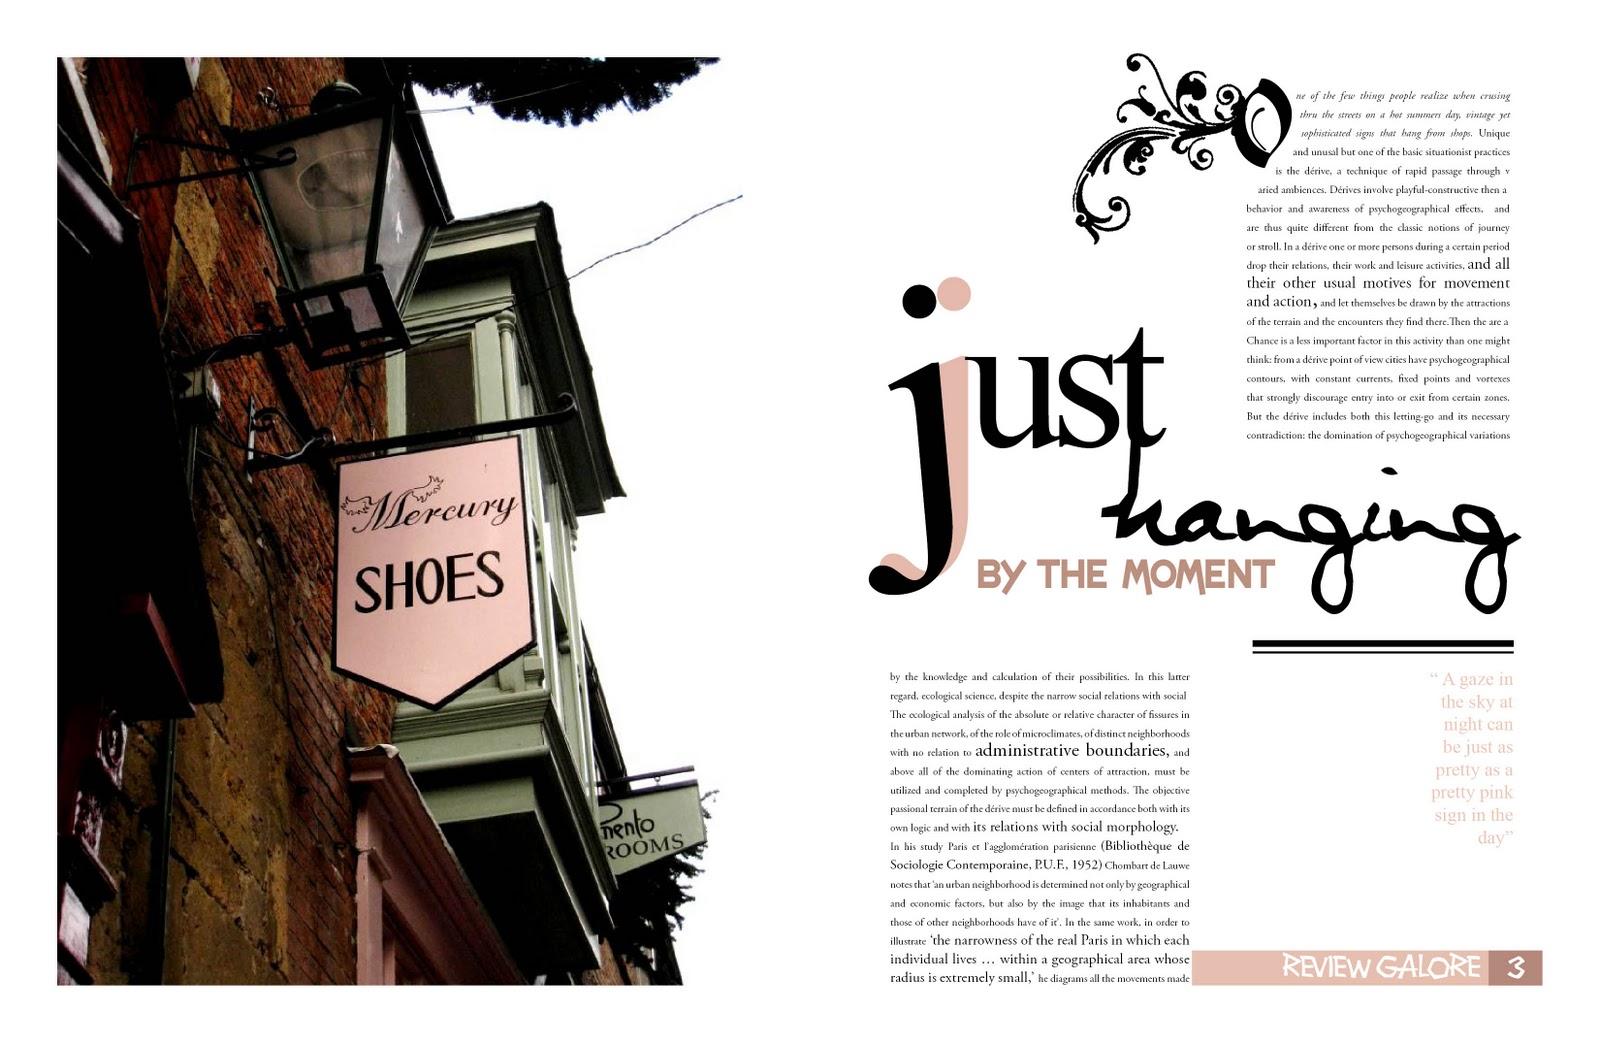 Image courtesy creativeexcess.com